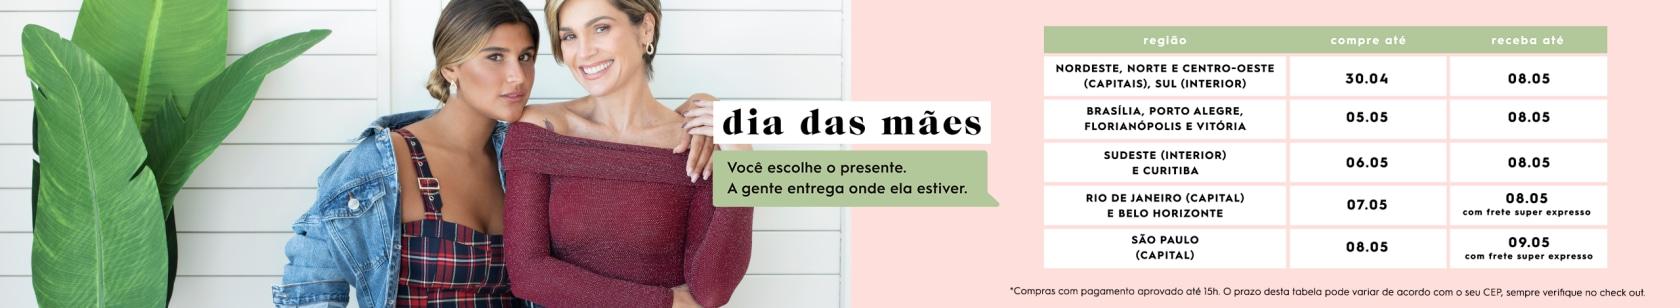 PRESENTES DE DIA DAS MÃES 2020